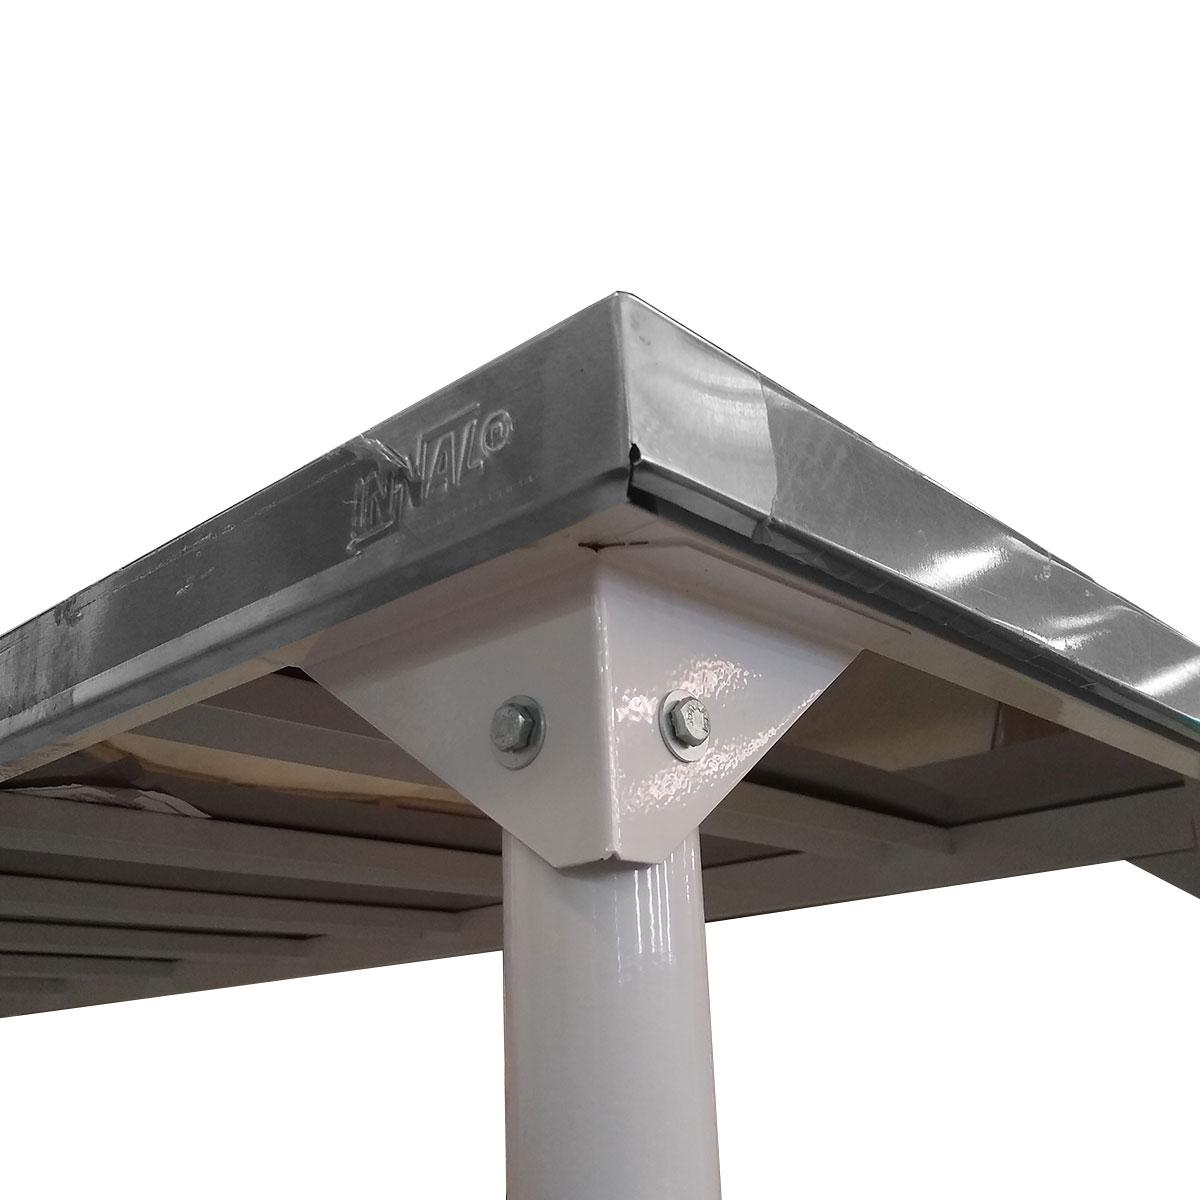 Mesa em Inox Innal 190x70 com Prateleira Grade  - Carmel Equipamentos